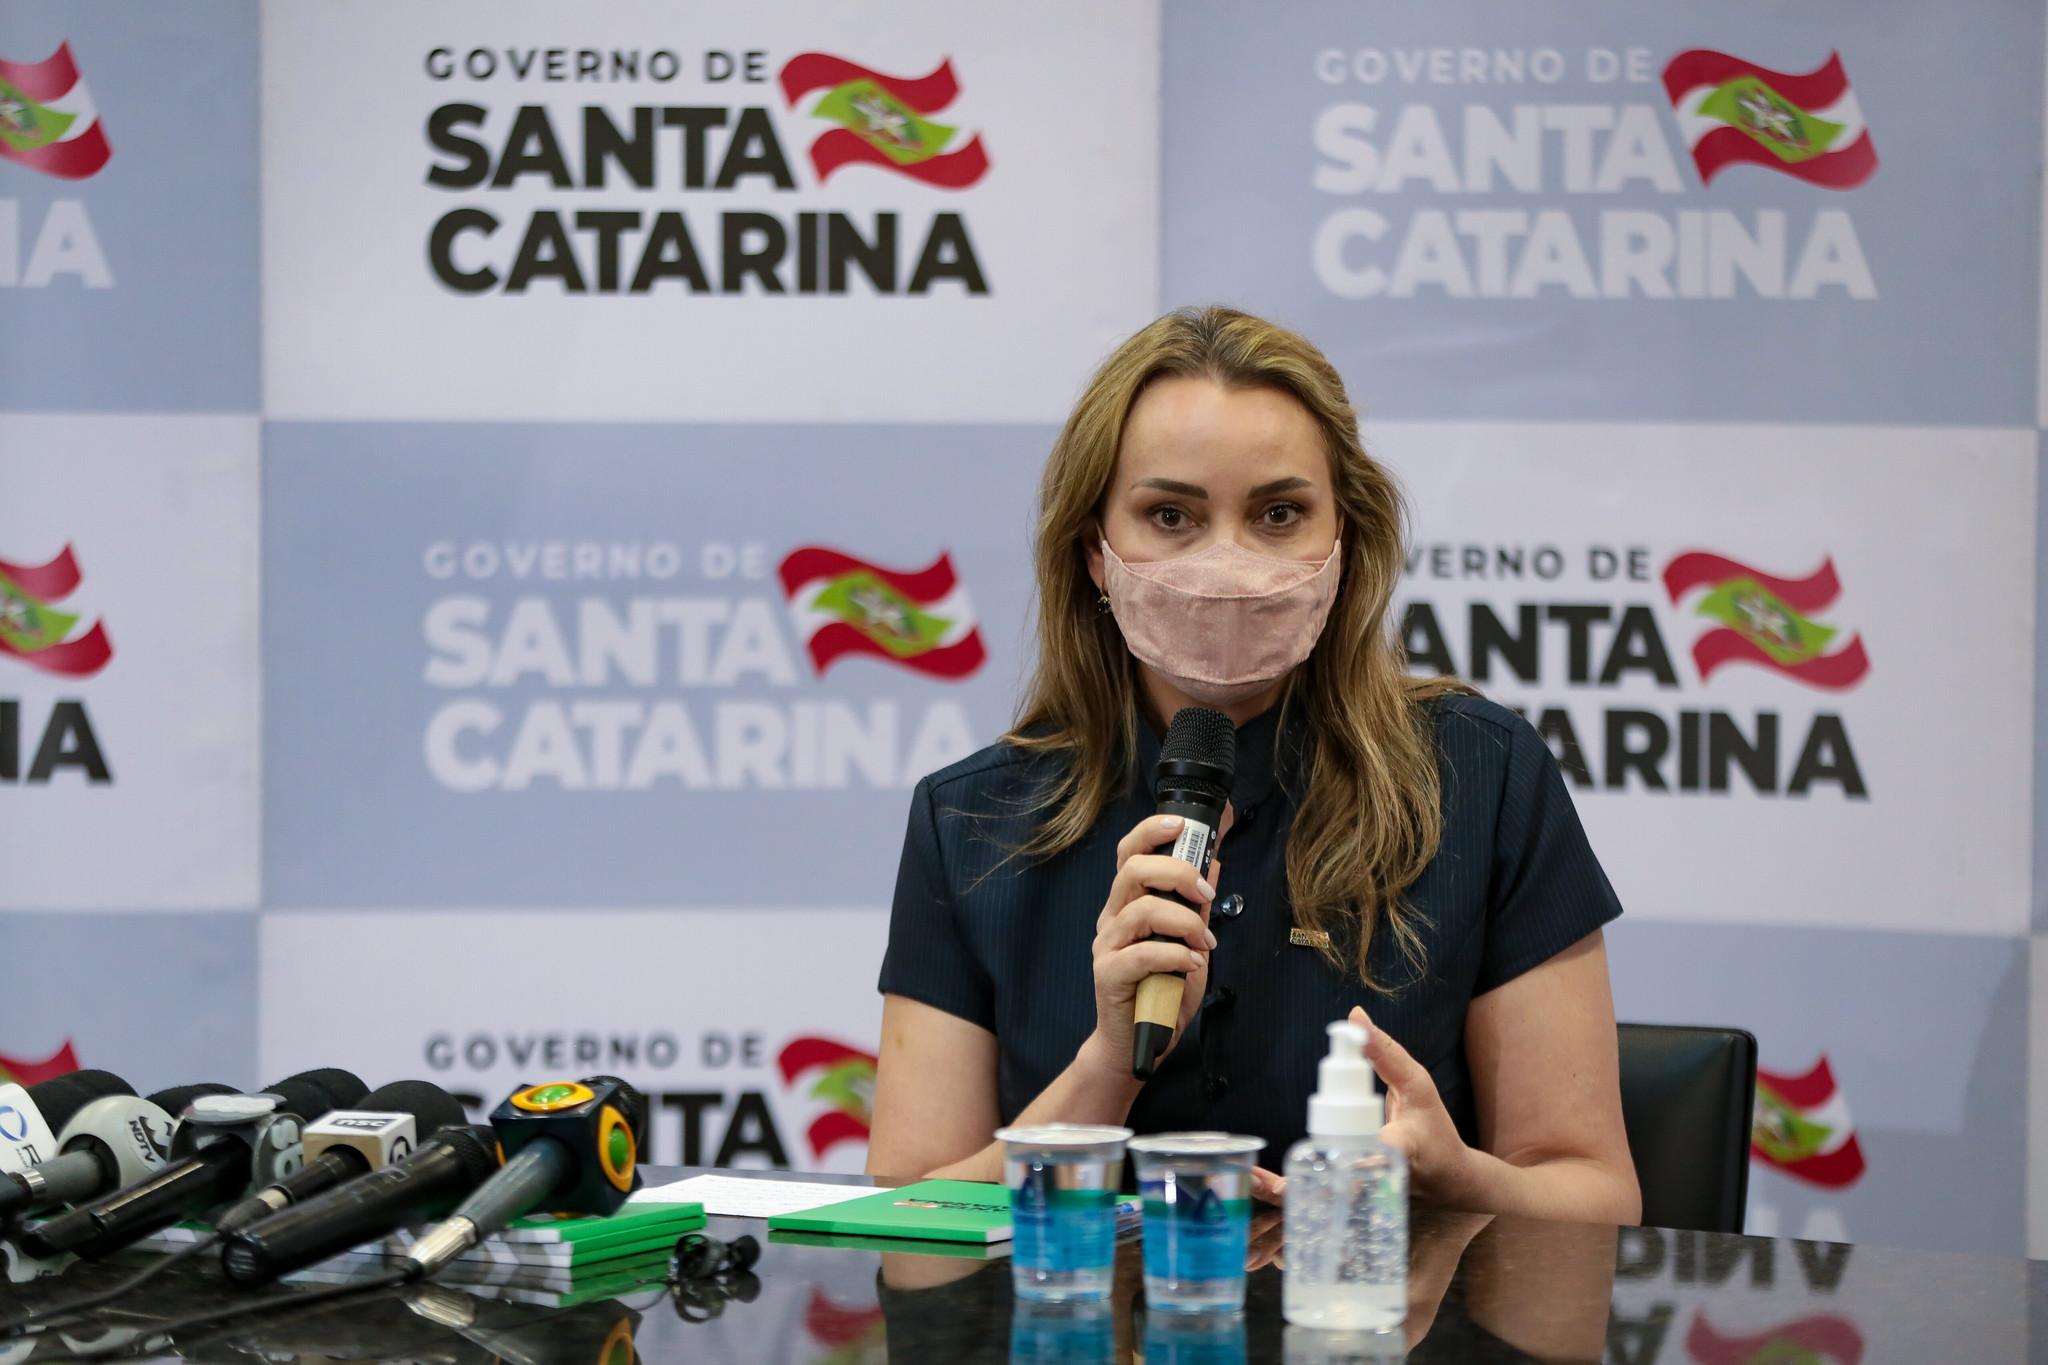 Governadora de Santa Catarina:  Daniela Reinehr clama por união e compromisso com a vida após tomar posse